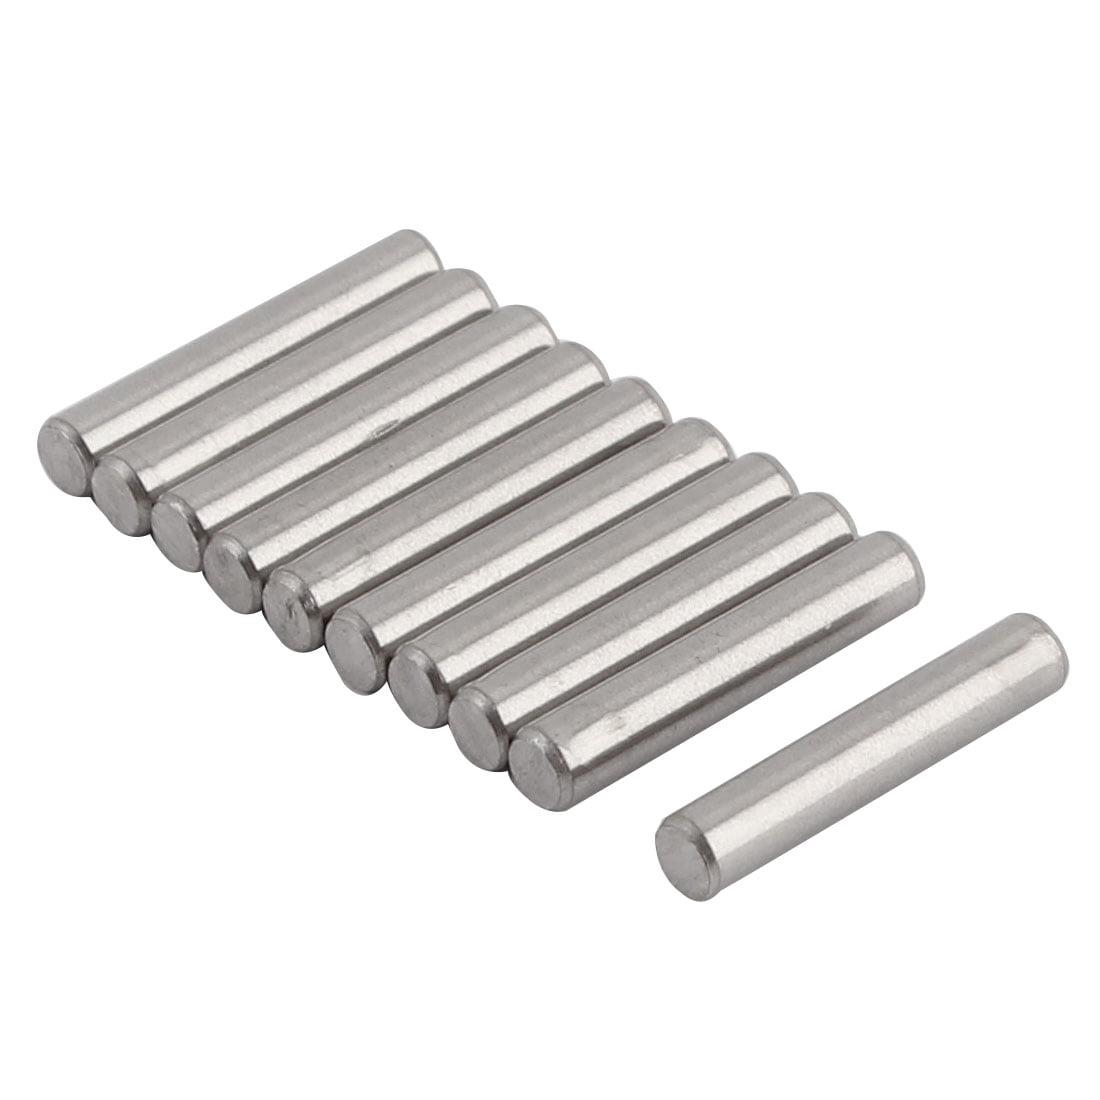 Round Solid Straight Retaining Dowel Pins Rod Fasten Elements 3mmx16mm